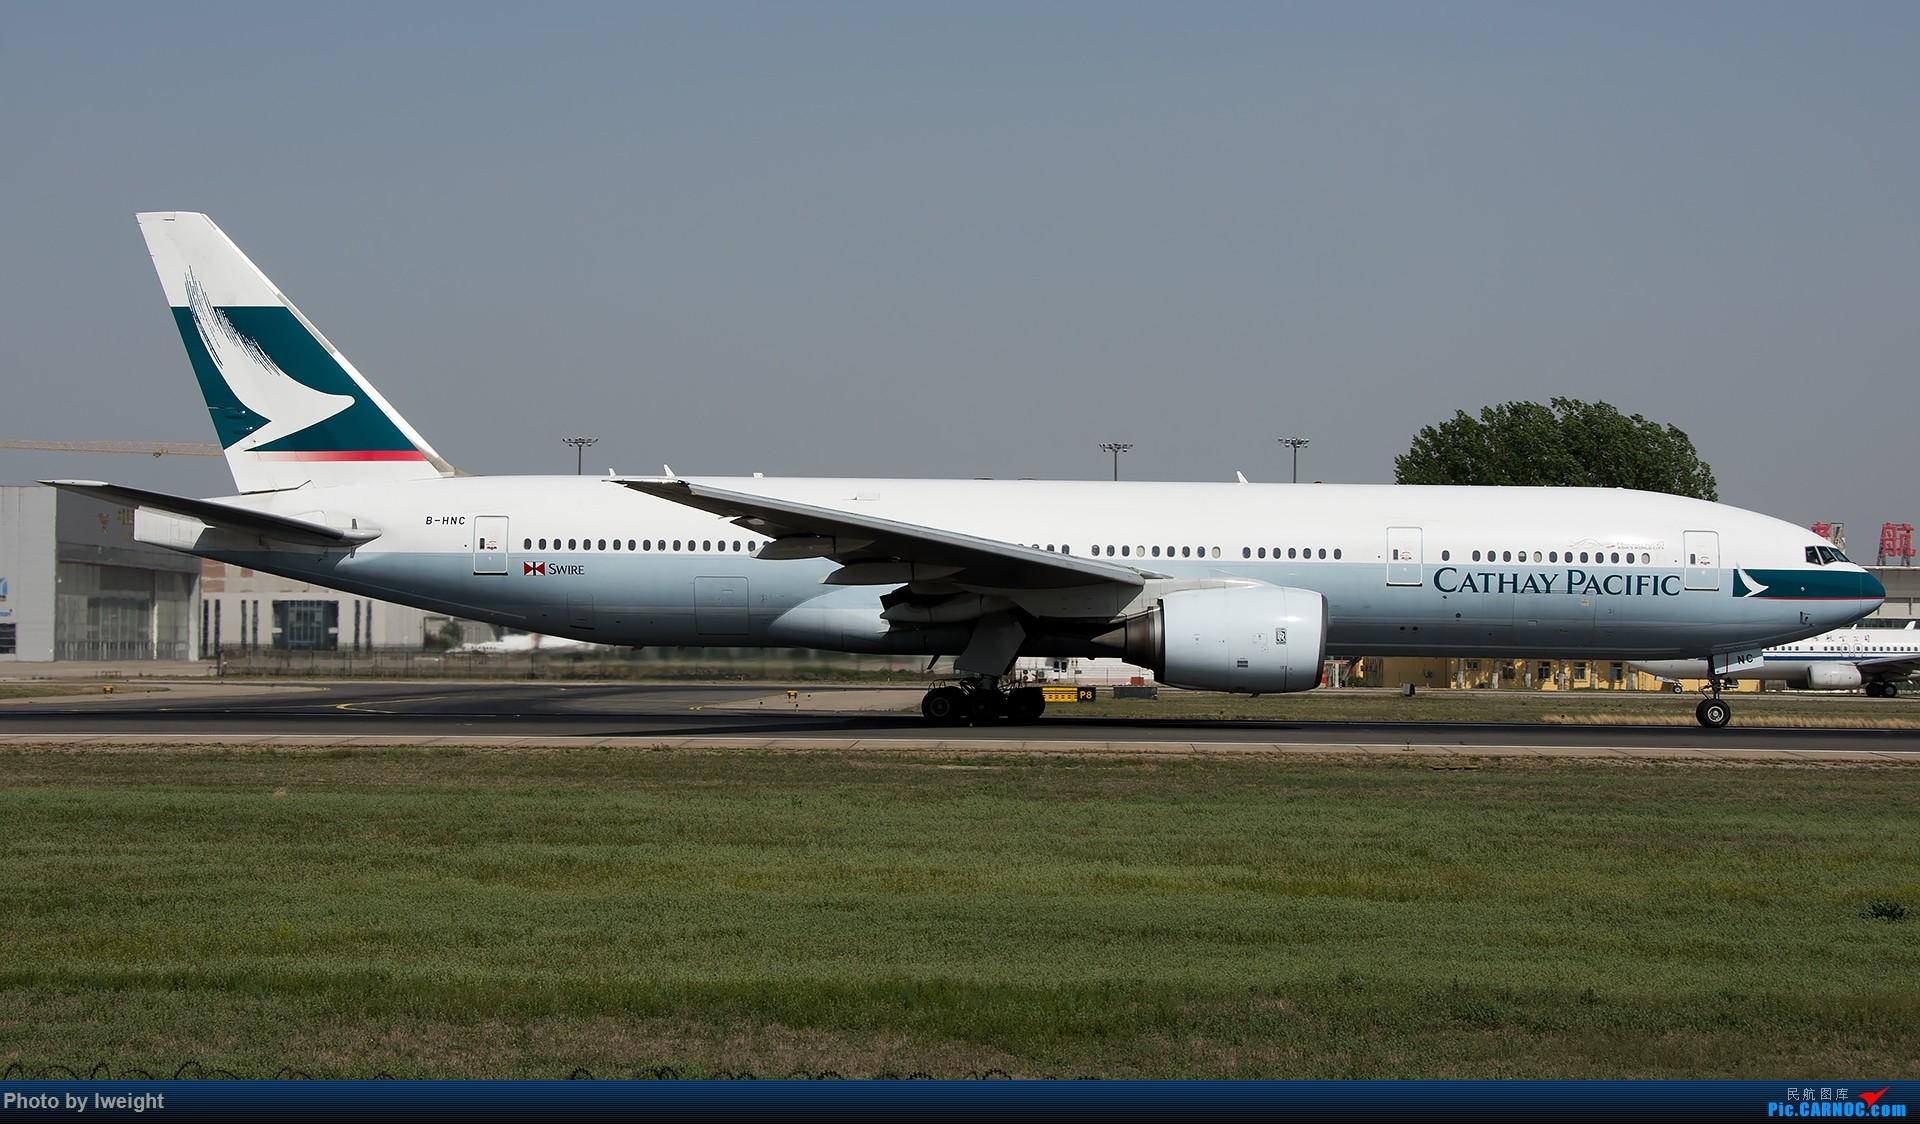 Re:[原创]天气晴朗,继续守候18R【多图】 BOEING 777-200 B-HNC 中国北京首都国际机场